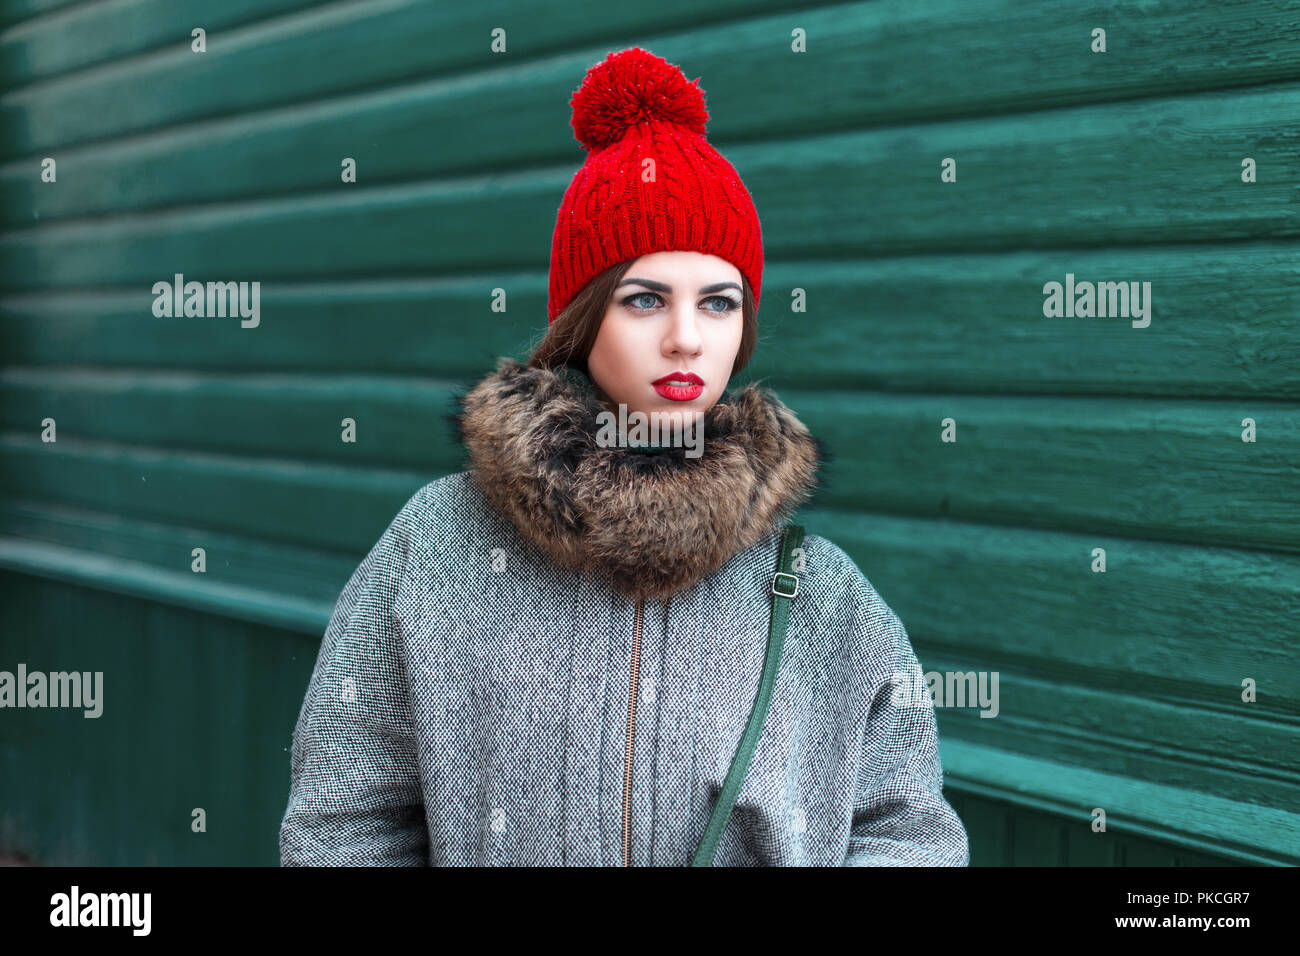 2f693e625d79 Elegante giovane ragazza russa nel quartiere alla moda di abbigliamento  invernale in piedi vicino a un verde parete in legno